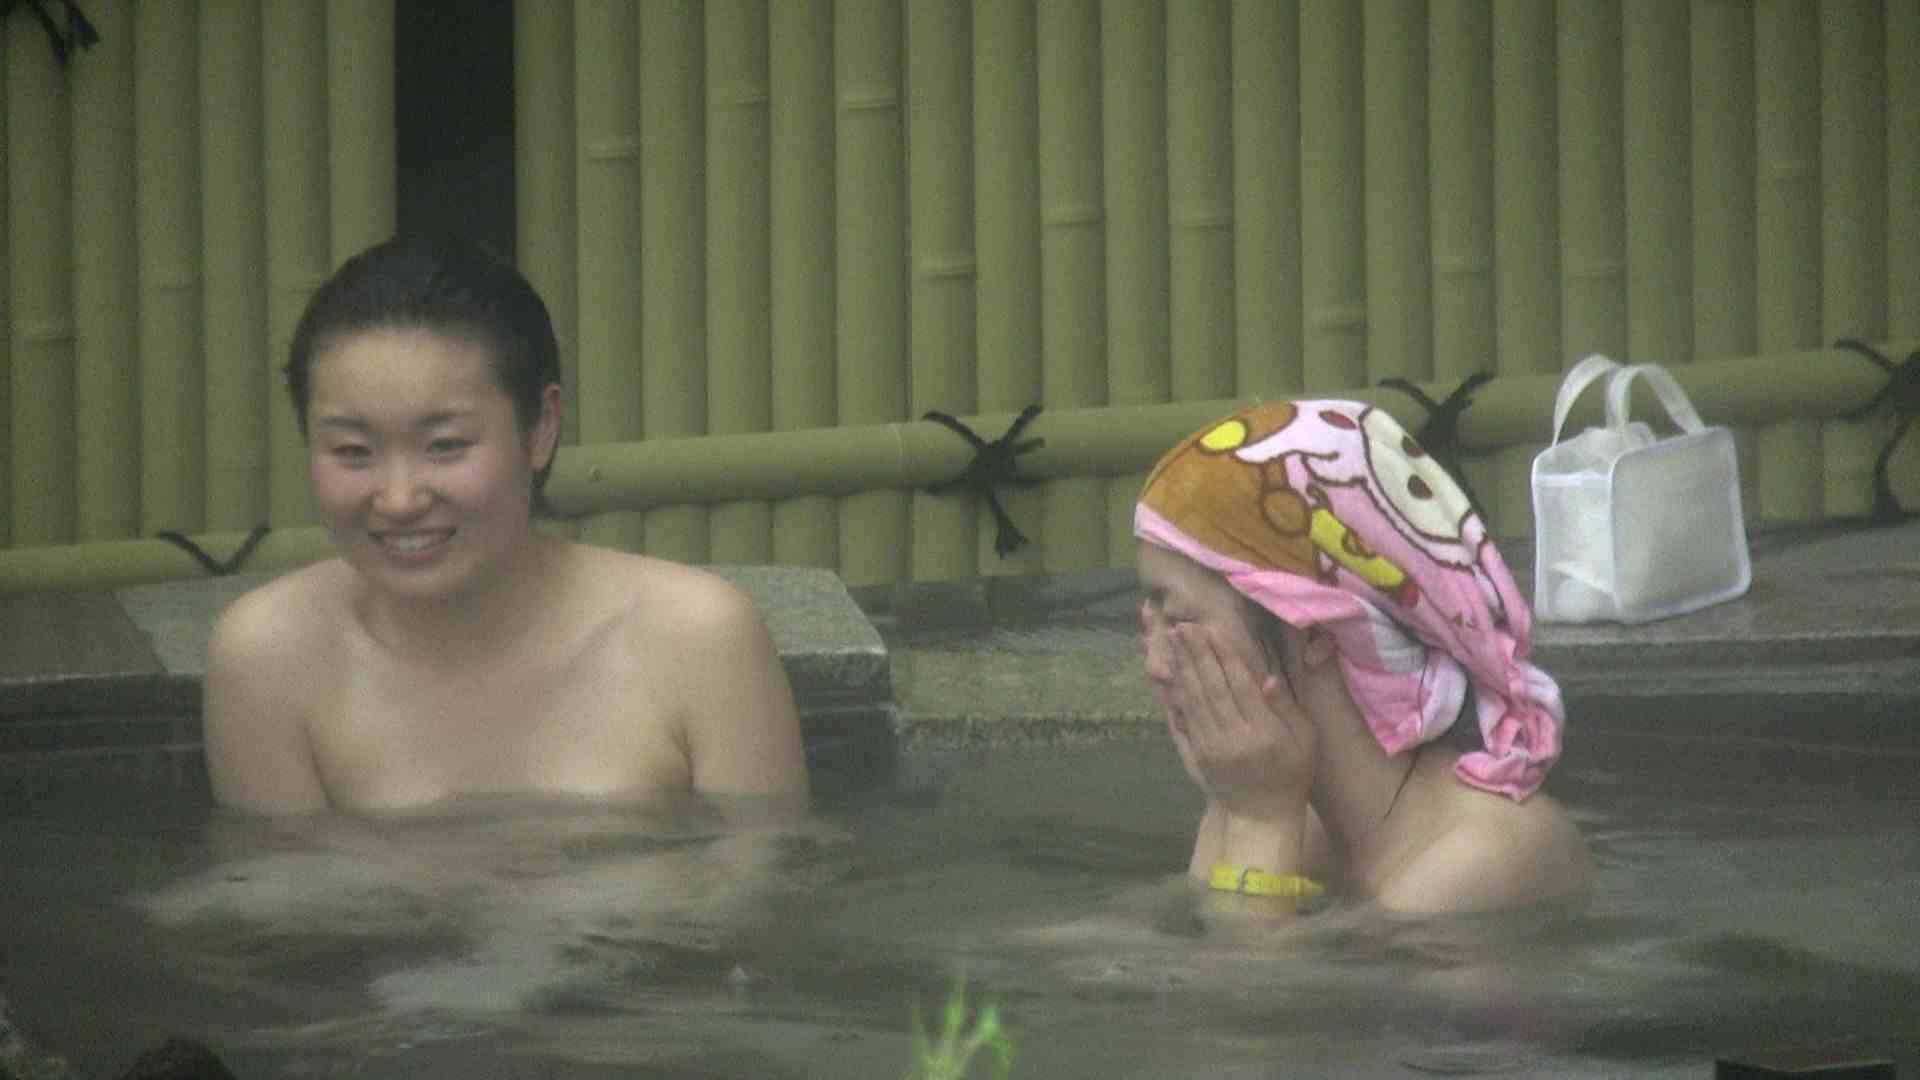 Aquaな露天風呂Vol.171 露天   盗撮  108PICs 73